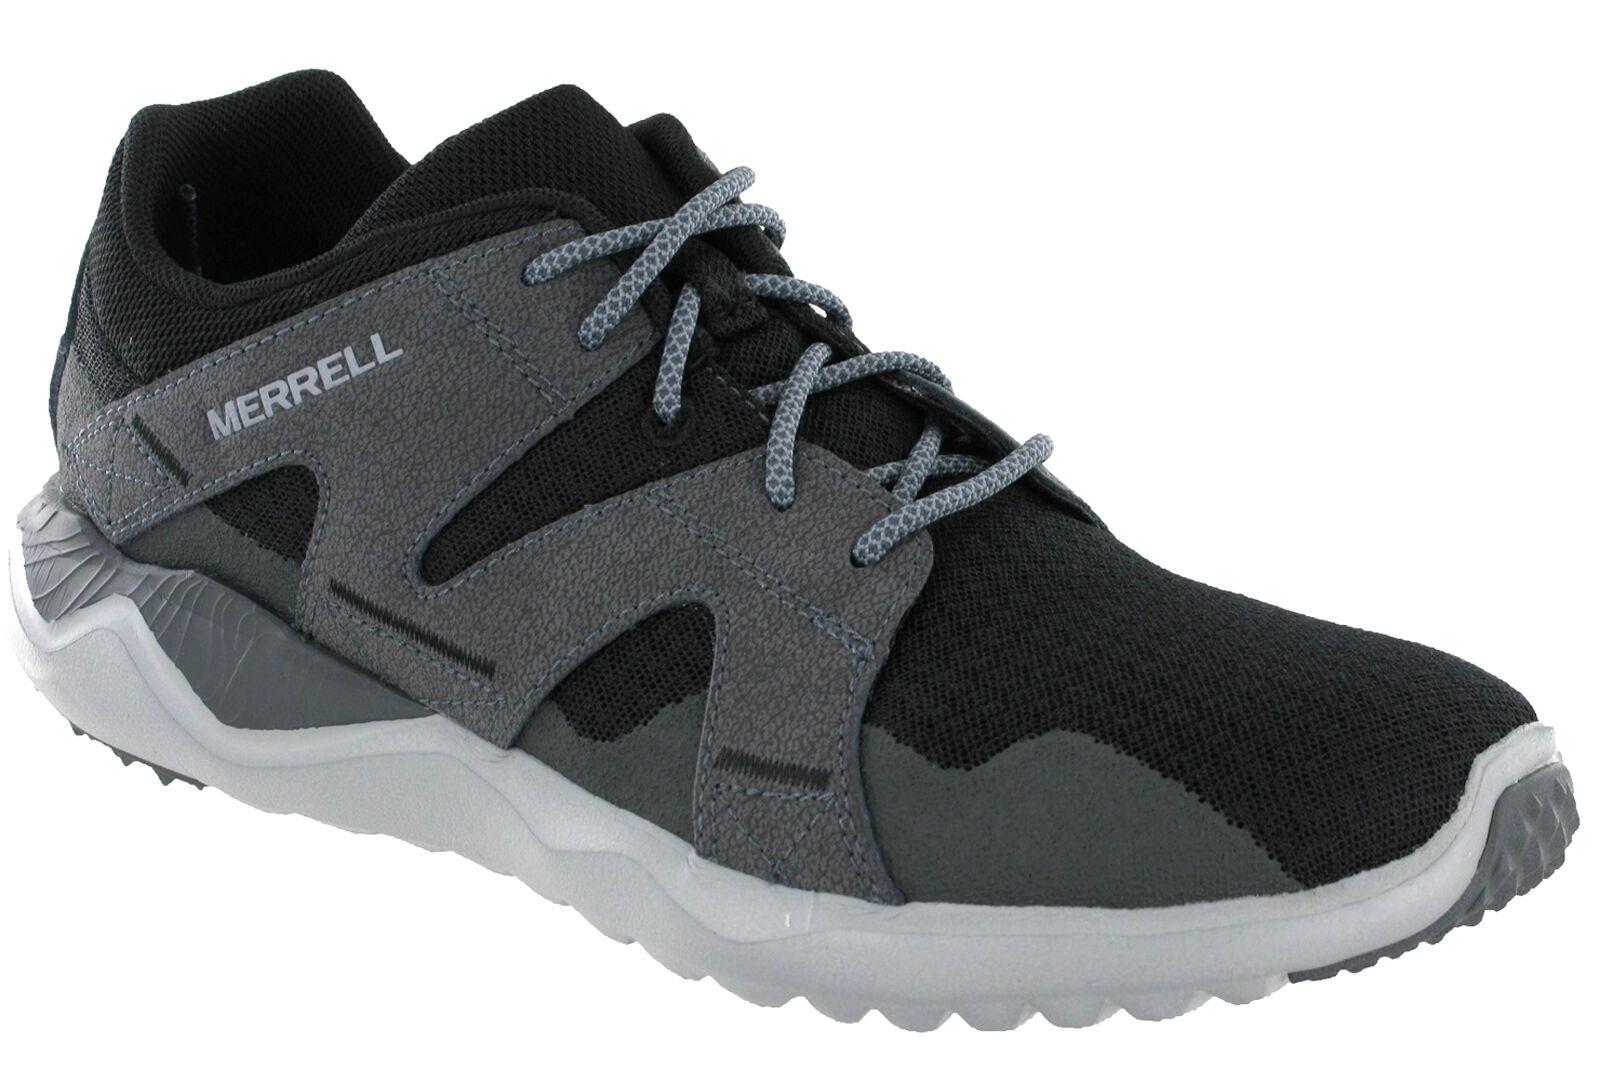 Merrell 1six8 rojo zapatillas de deporte caballero leves transpirable calzado deportivo j91355